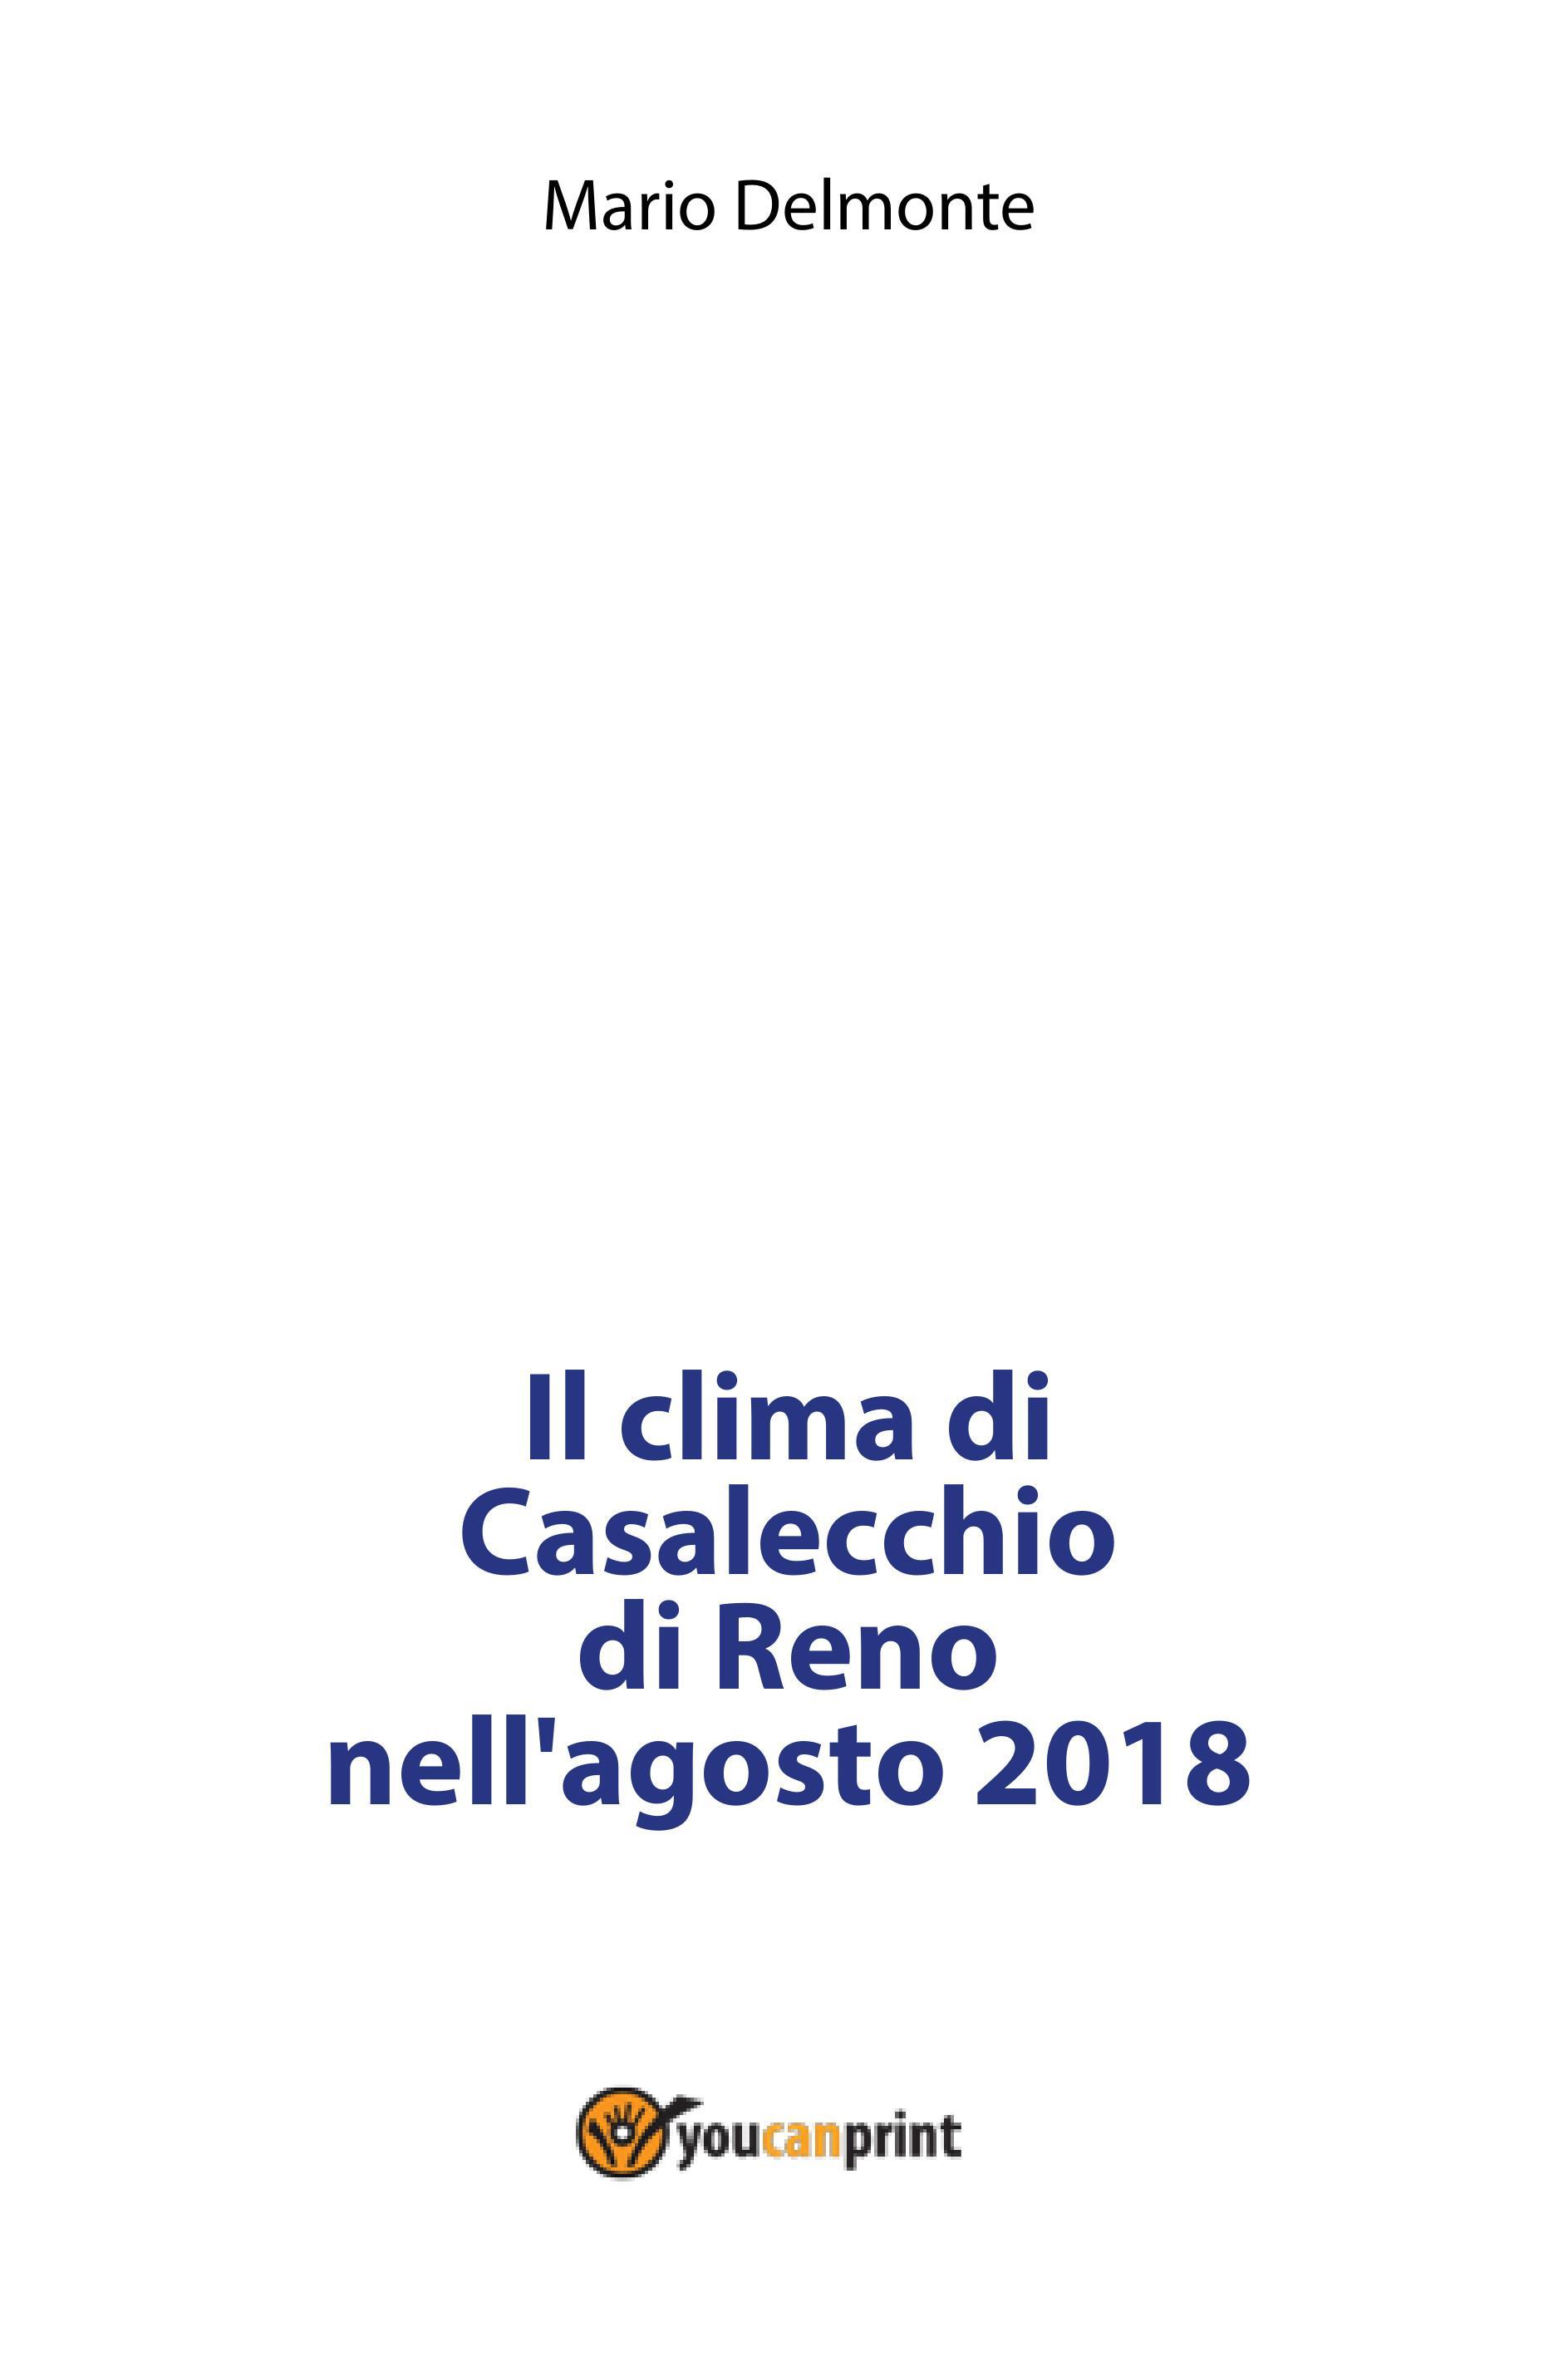 Il clima di Casalecchio di Reno nell'agosto 2018